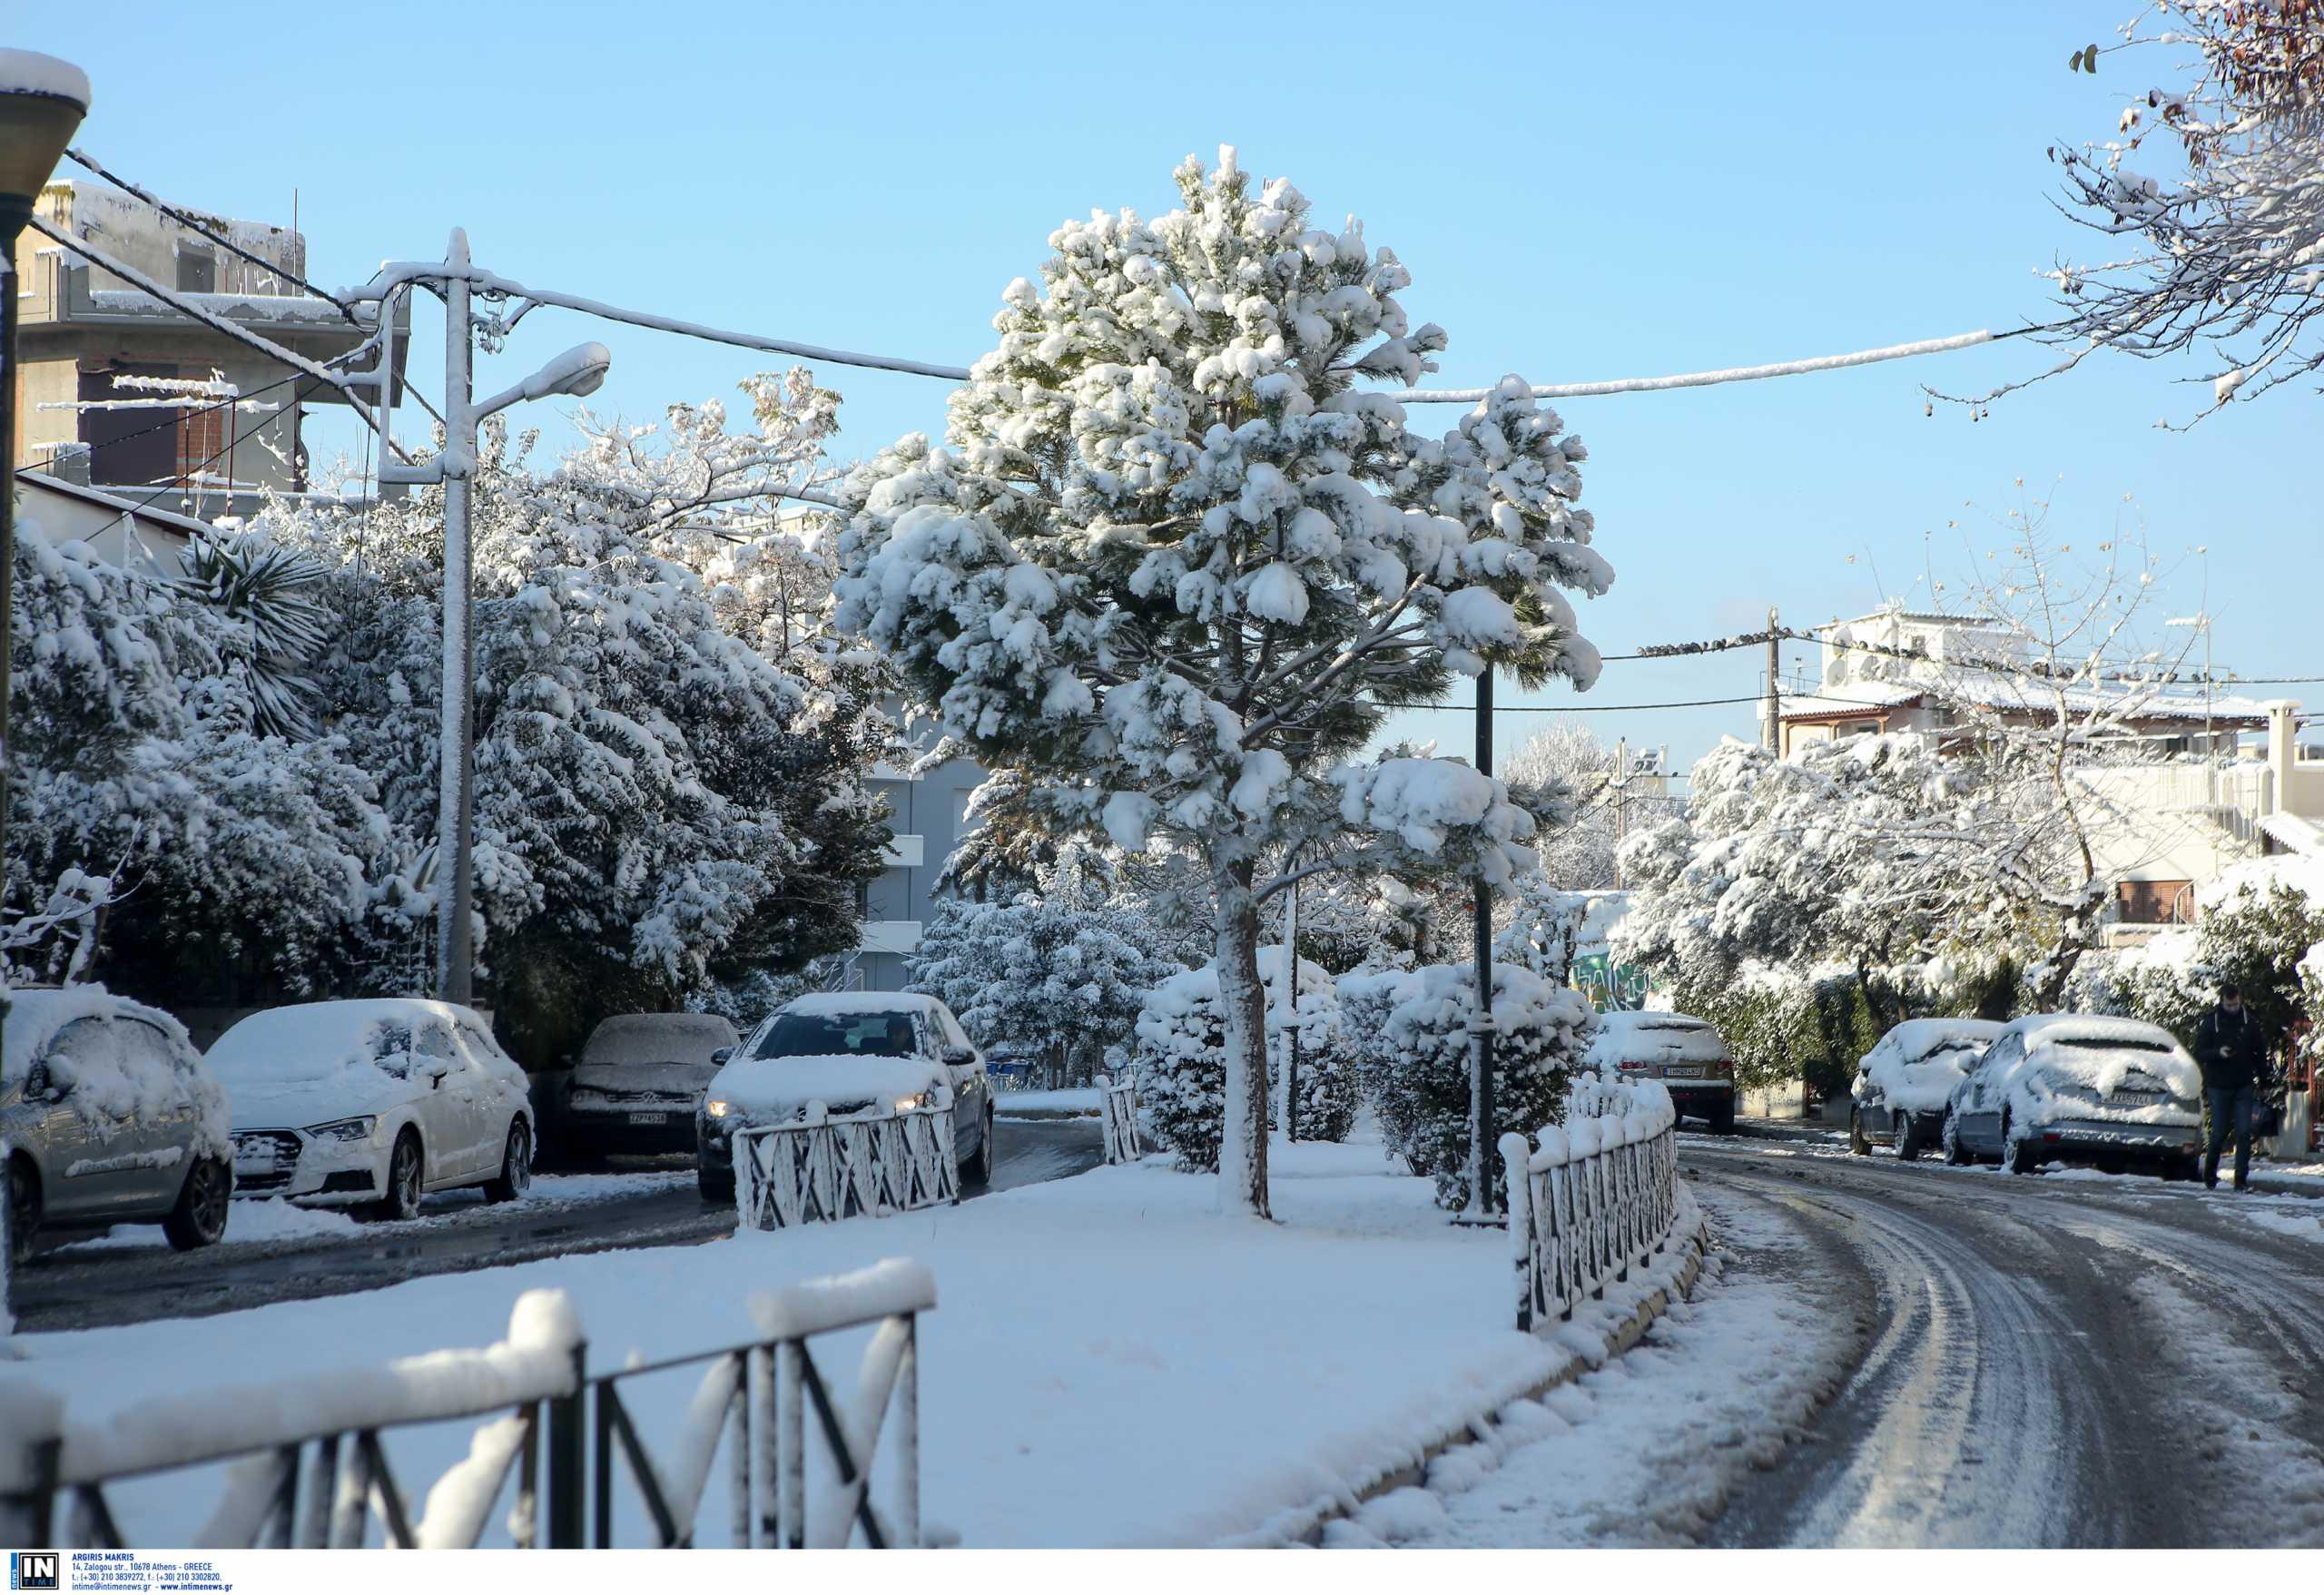 Καιρός – Κακοκαιρία Μήδεια: Τι συνέβη με τα χιόνια στην Αθήνα τα τελευταία 110 χρόνια